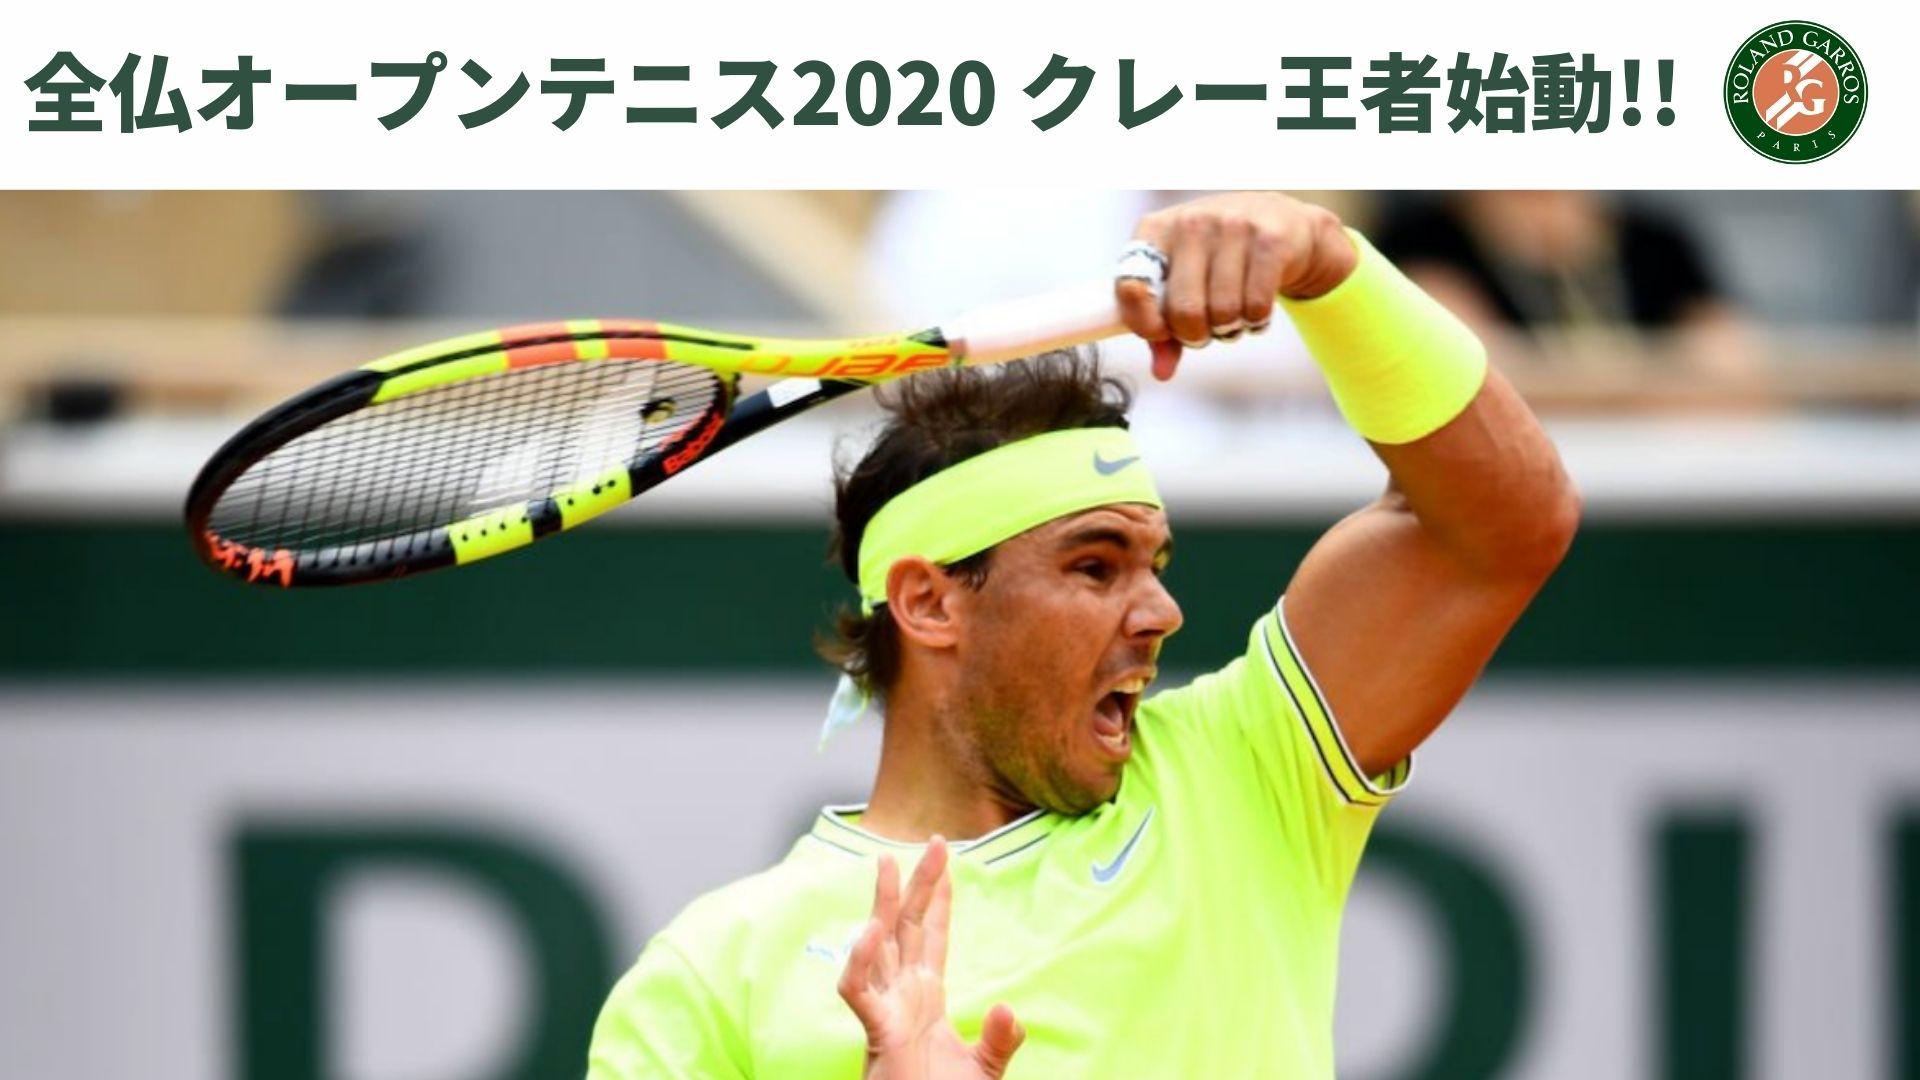 全仏オープンテニス2020の錦織圭の試合